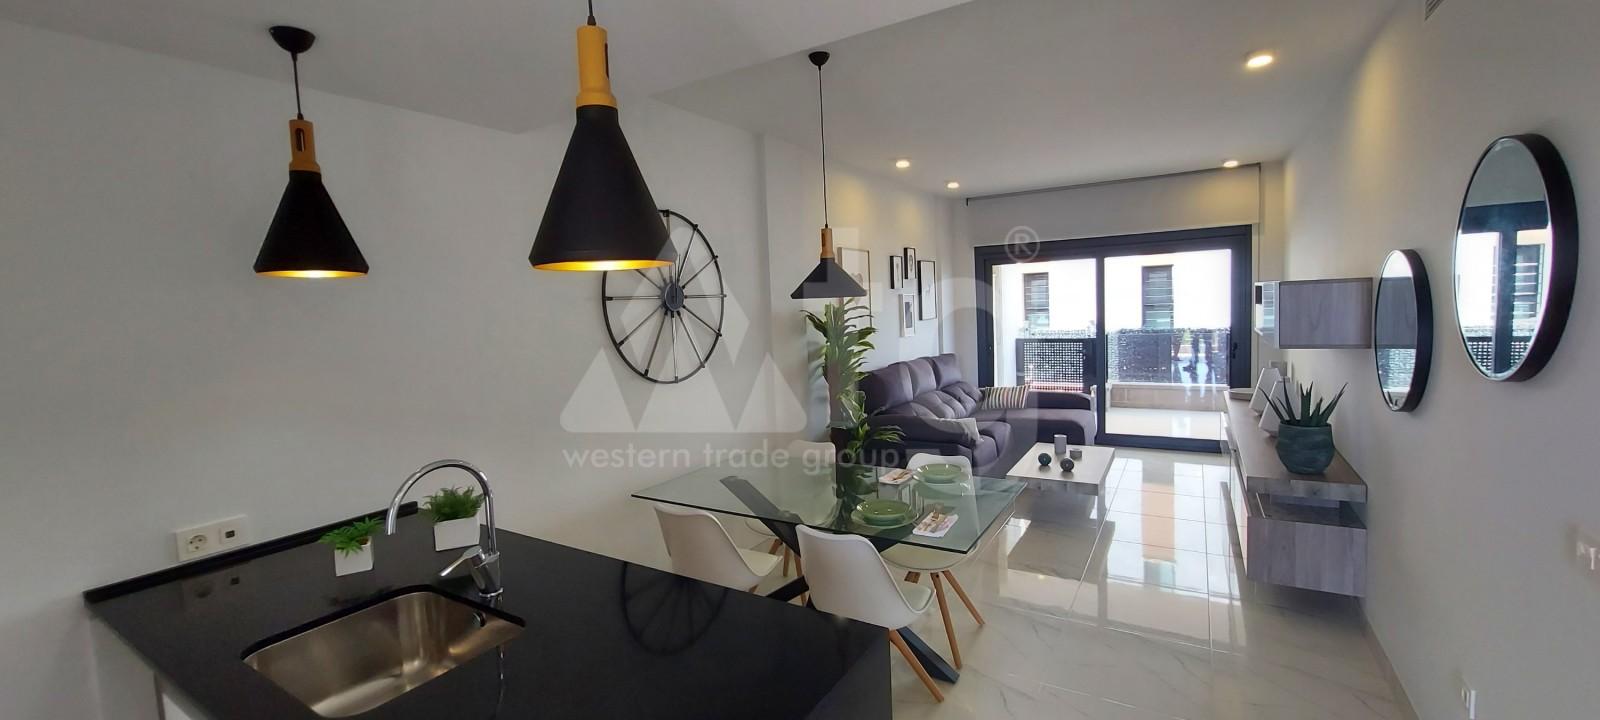 Apartament w Guardamar del Segura, 2 sypialnie  - DI6350 - 23